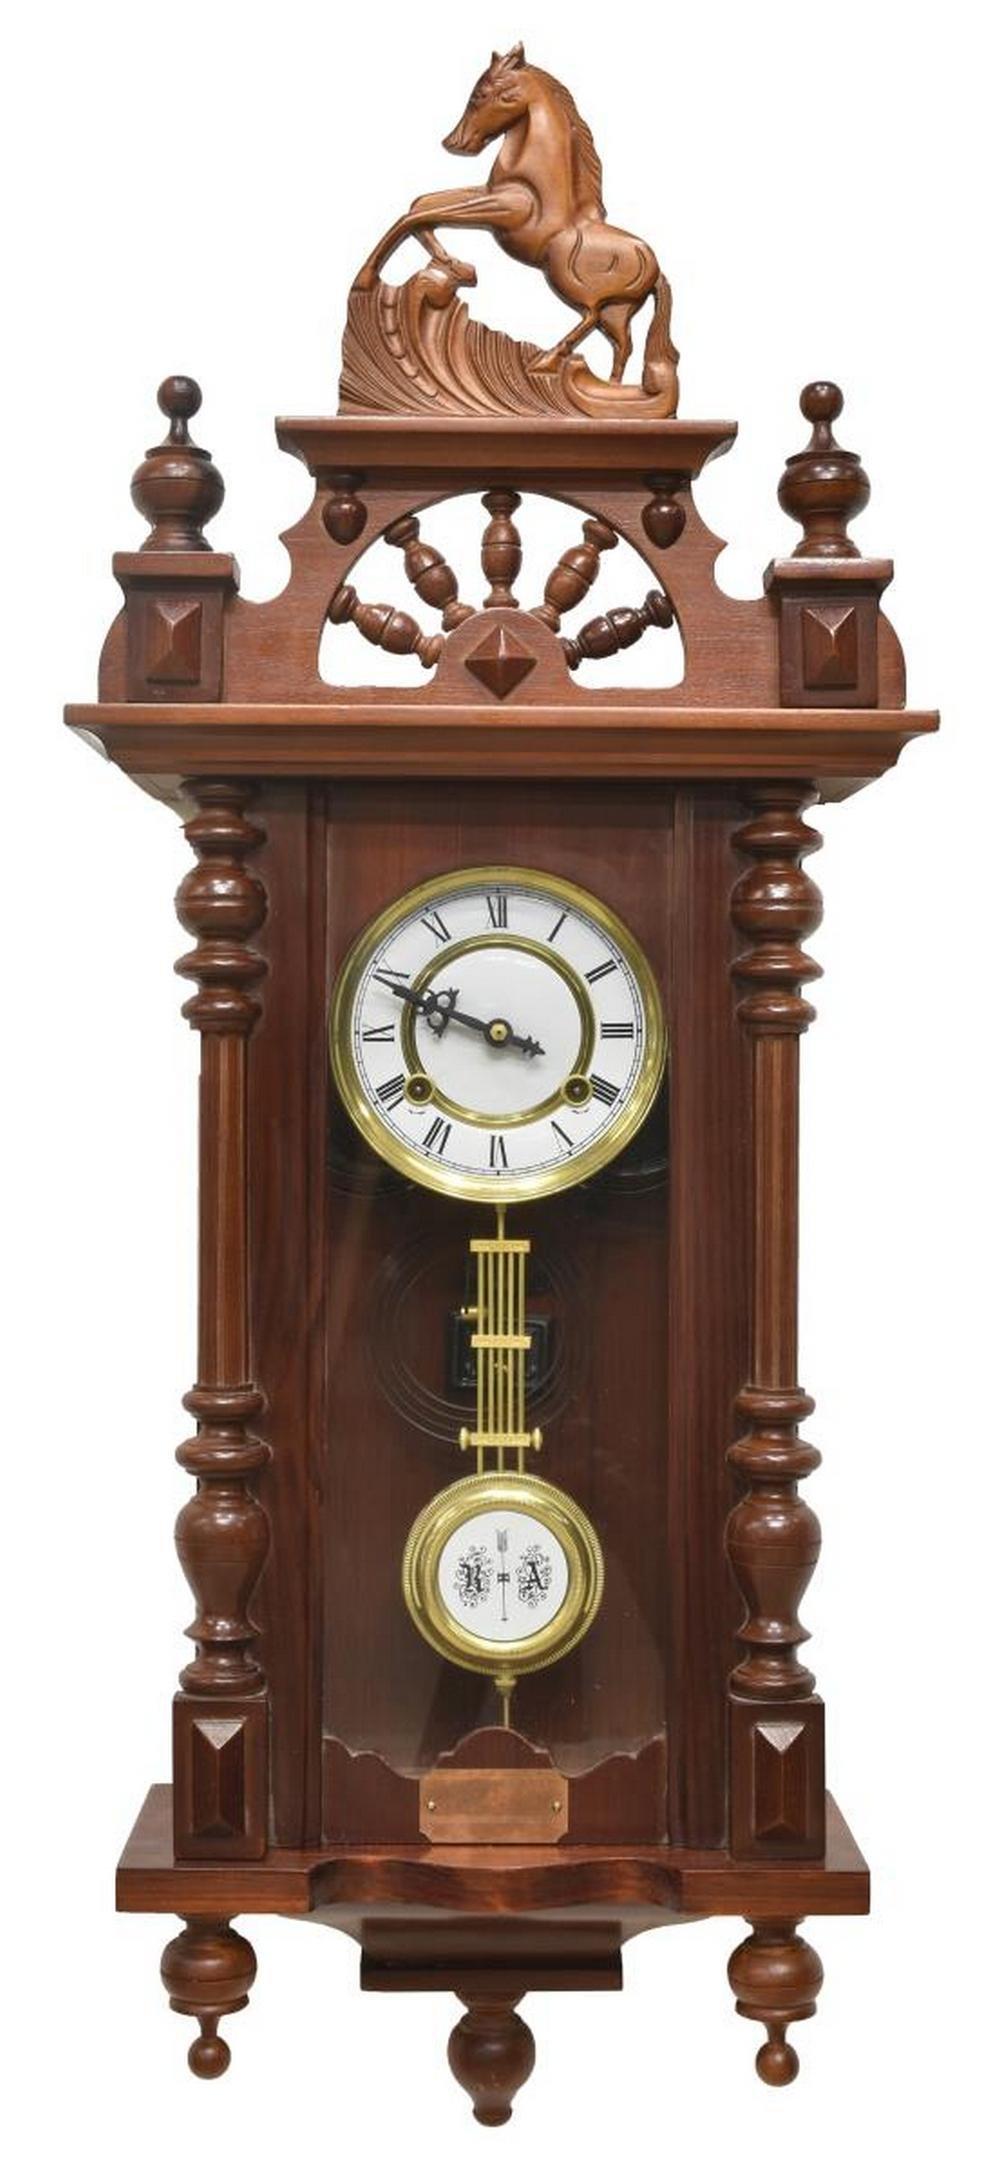 TIME MFG. CO. REGULATOR WALL CLOCK HORSE CREST